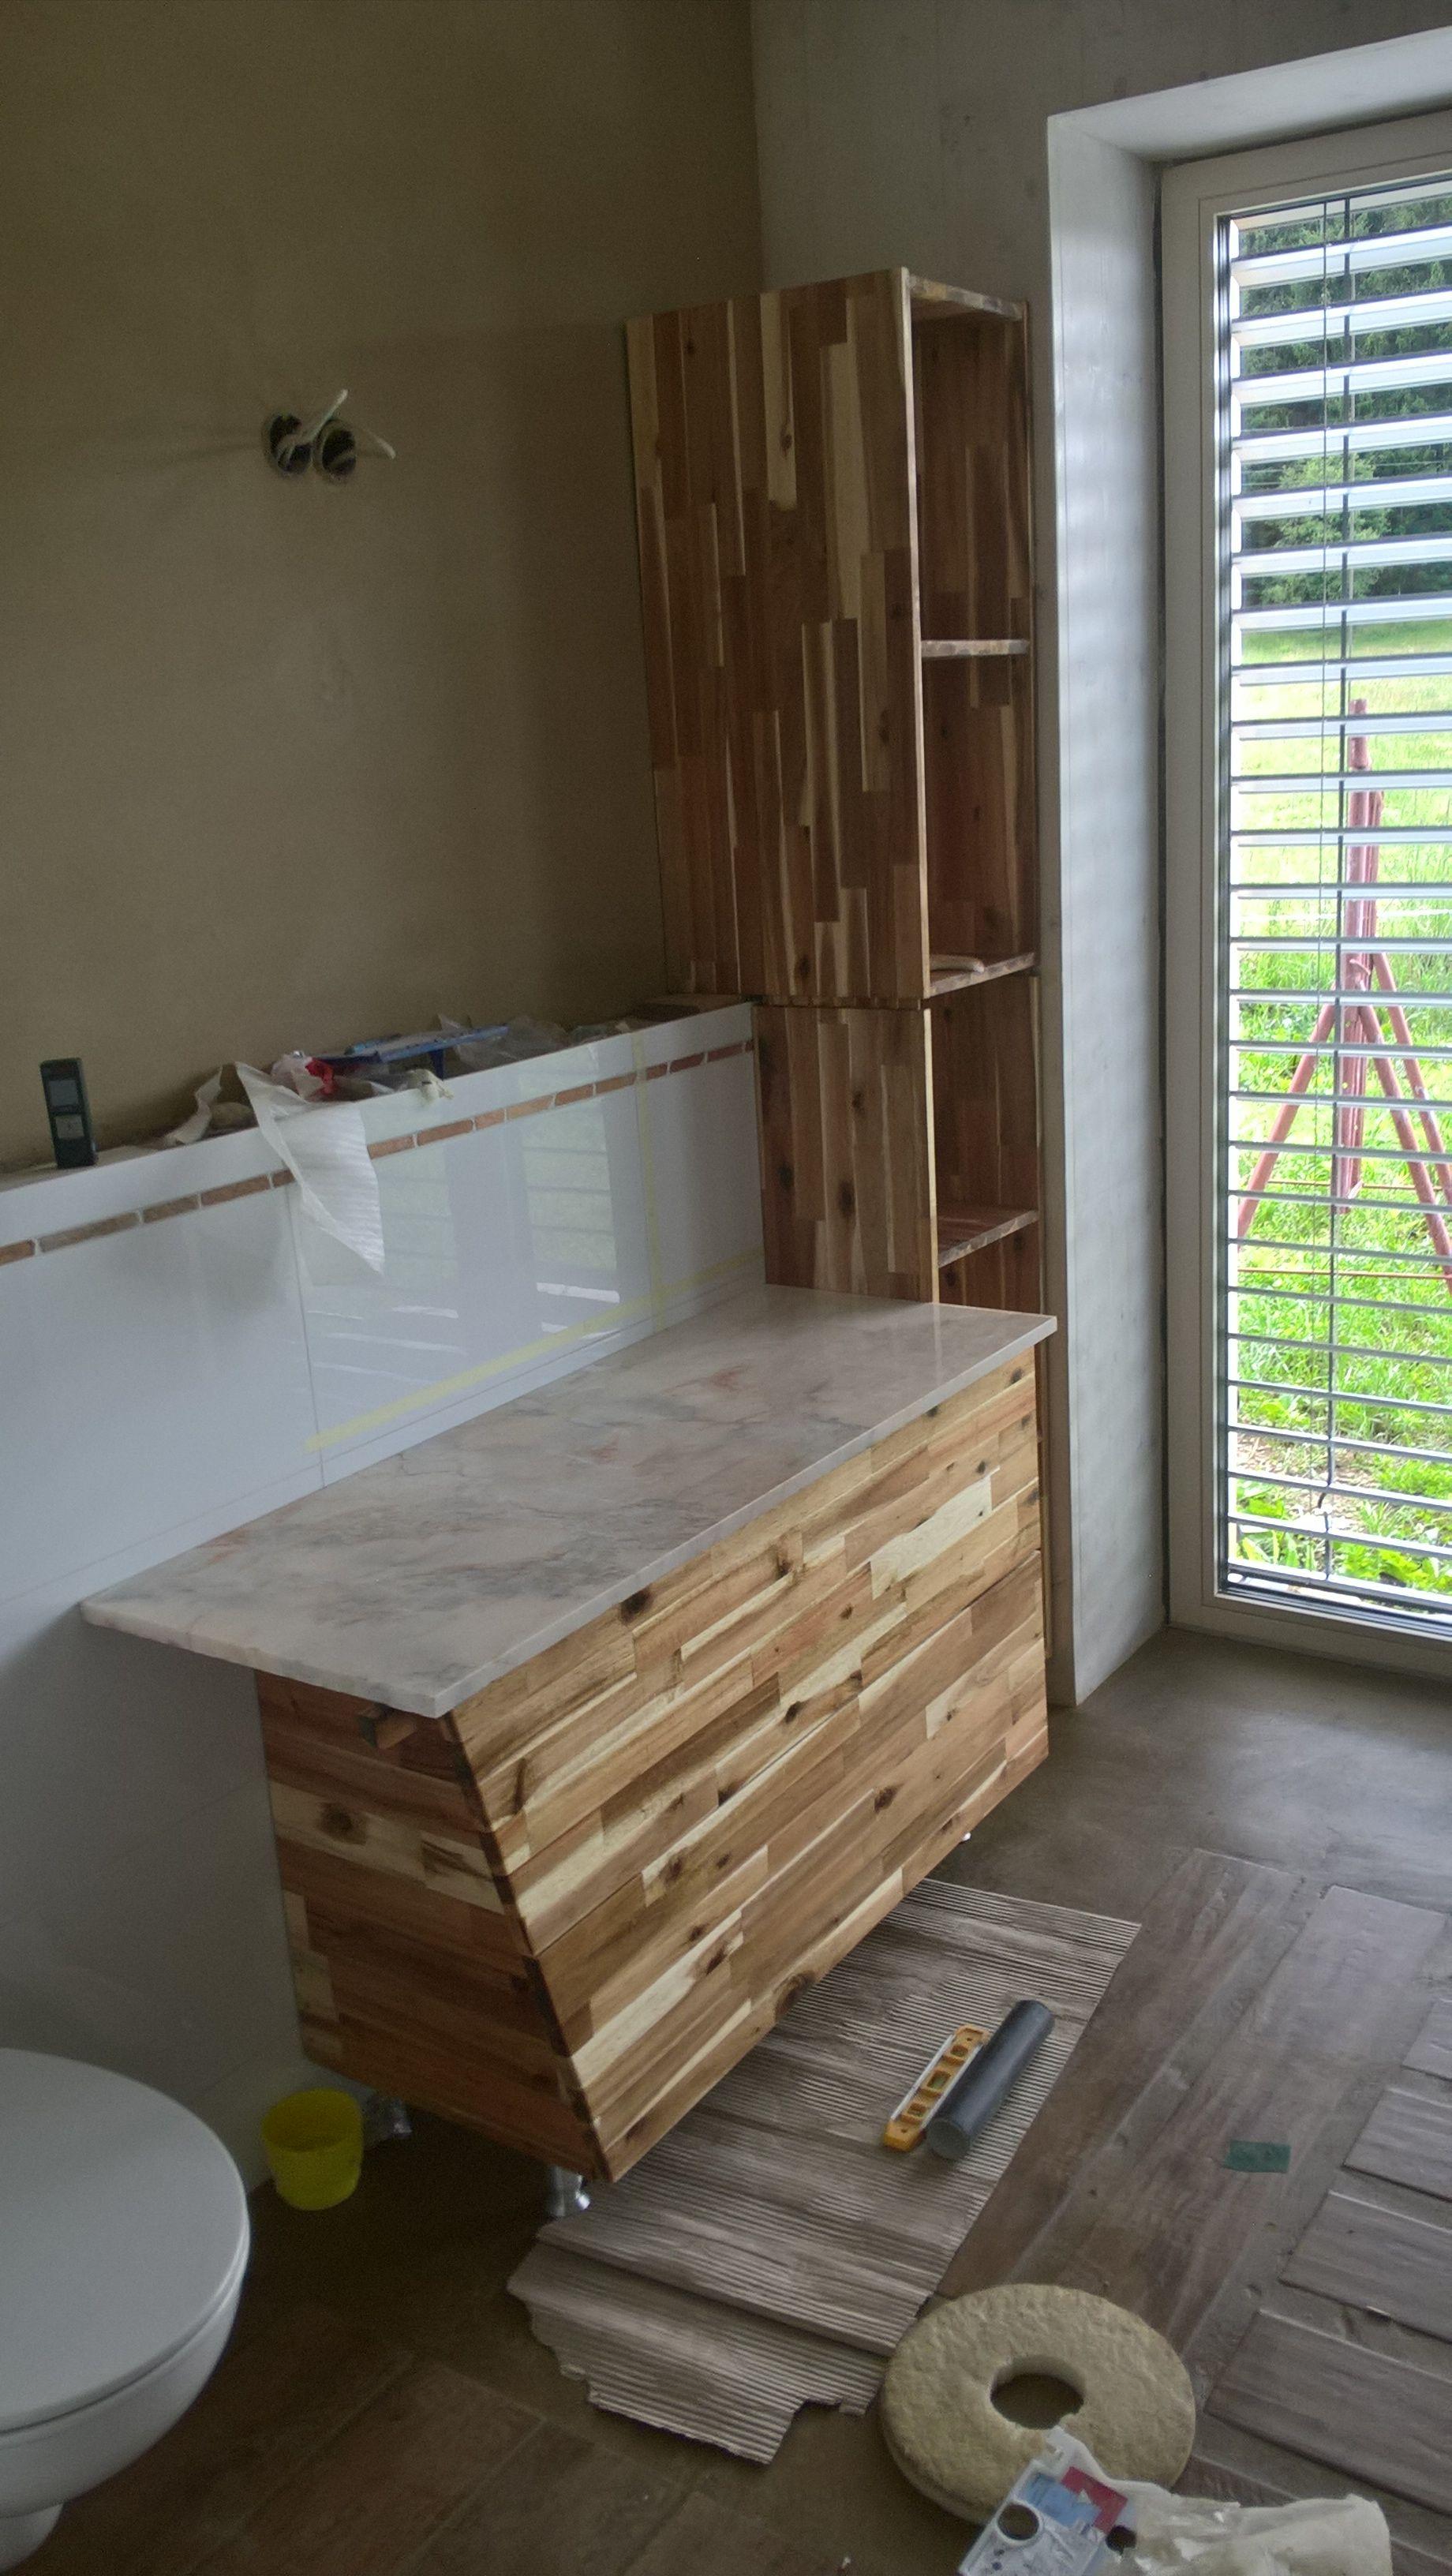 Badezimmermobel Im Eigenbau Akazienholz Geolt Lehmhaus Akazienholz Holz